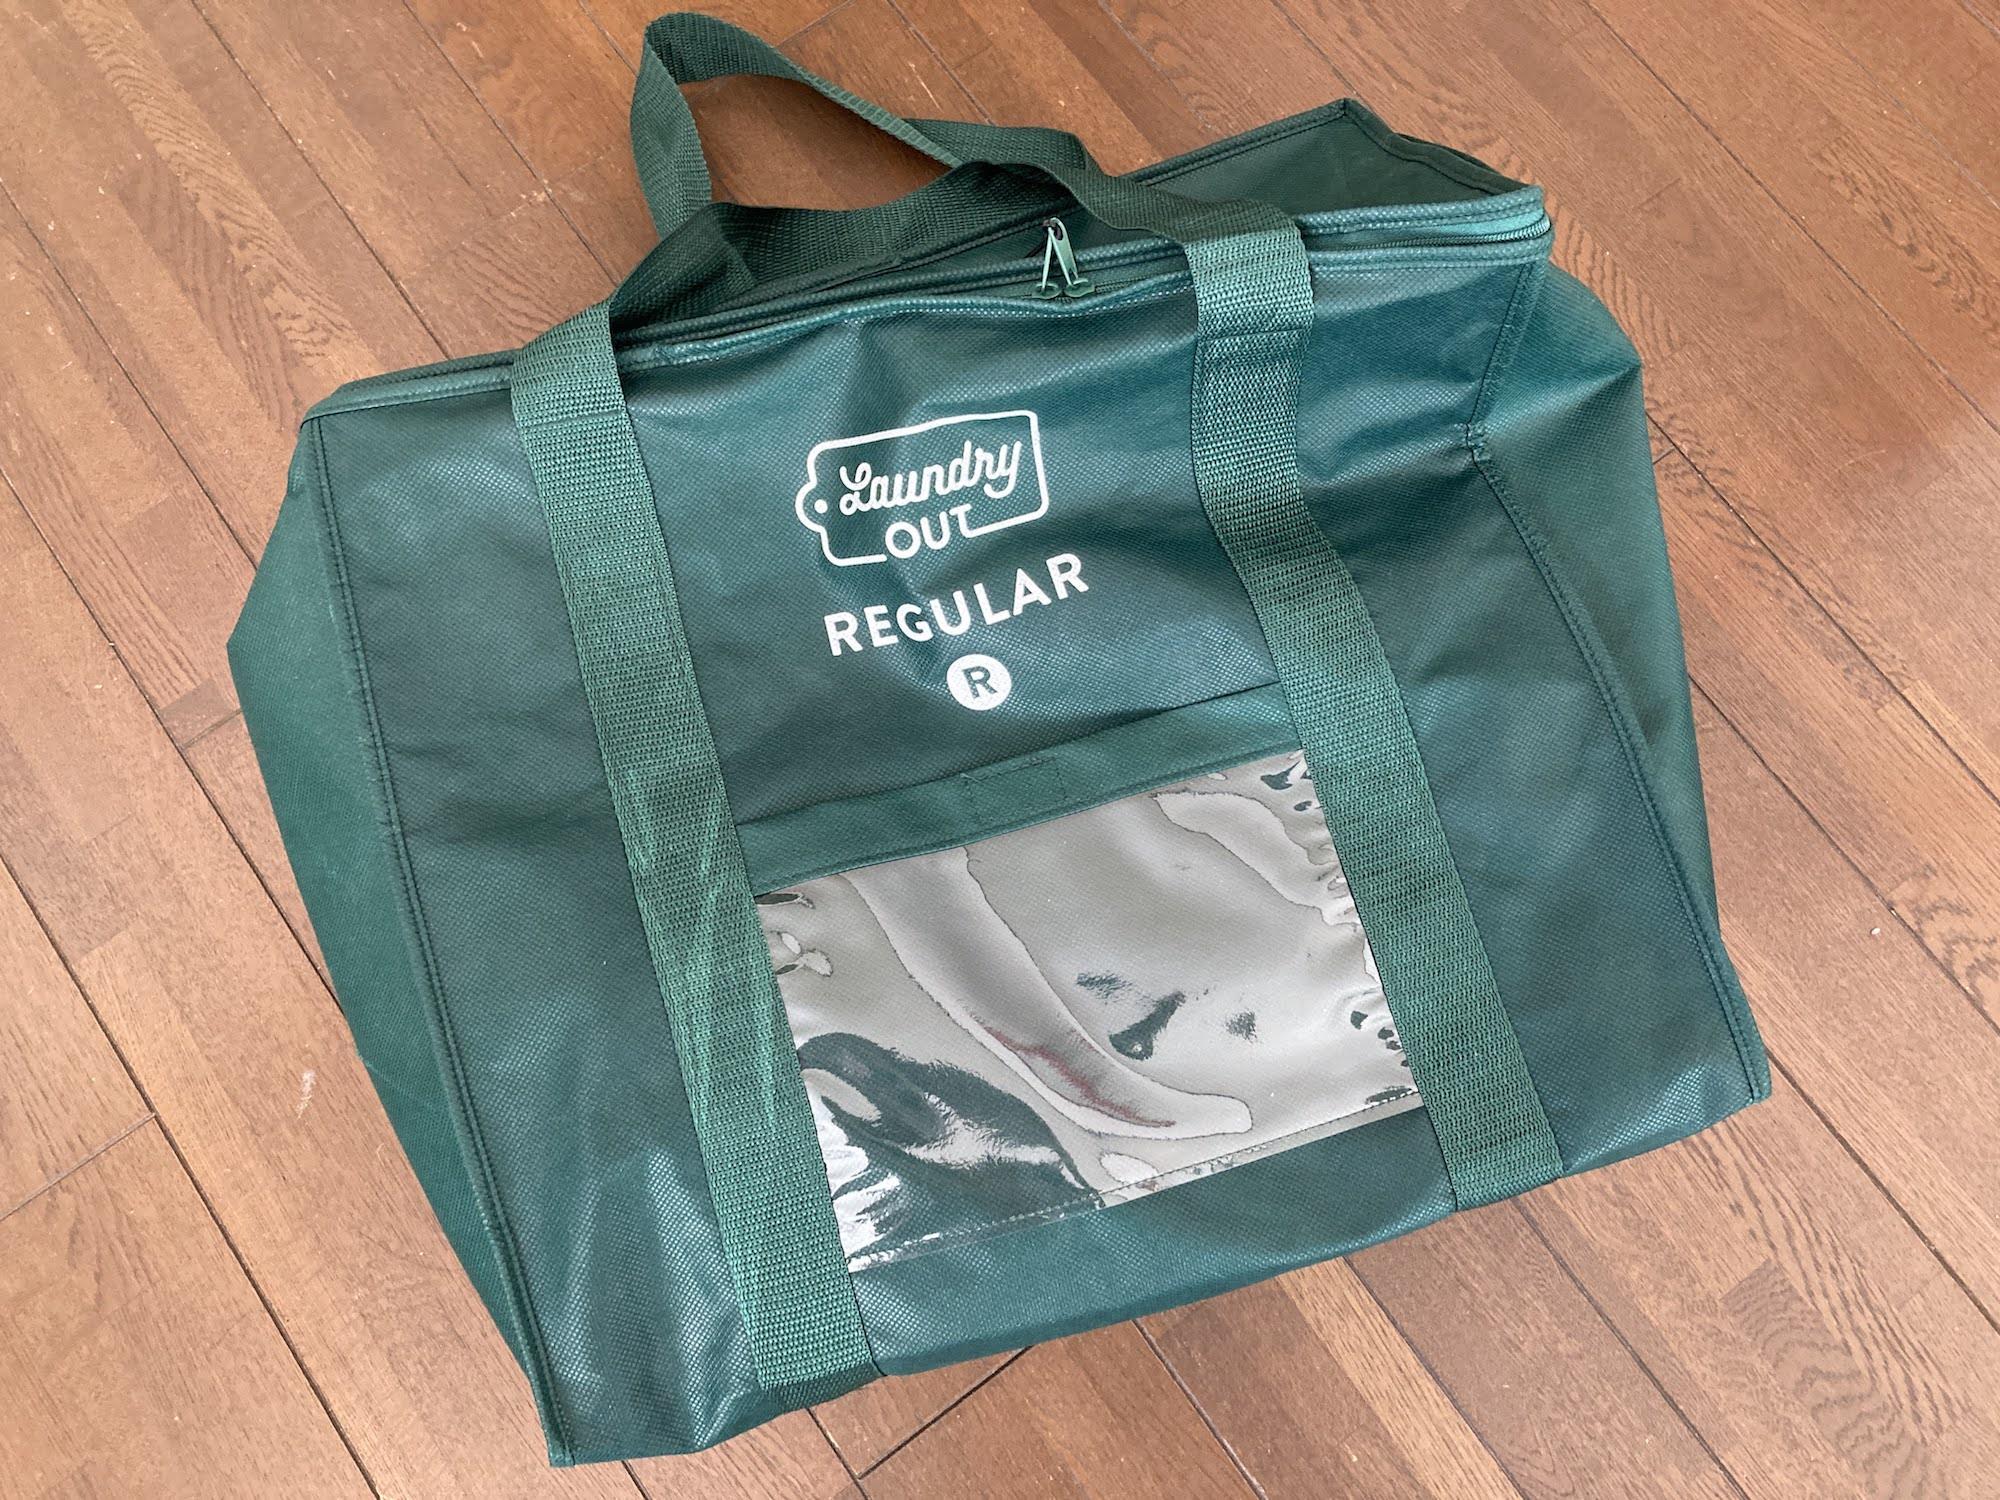 『Laundry OUT』のランドリーバッグ。この袋に洗濯物をつめ放題なので、1点ずつの計算になる宅配クリーニングよりお得に利用できます。